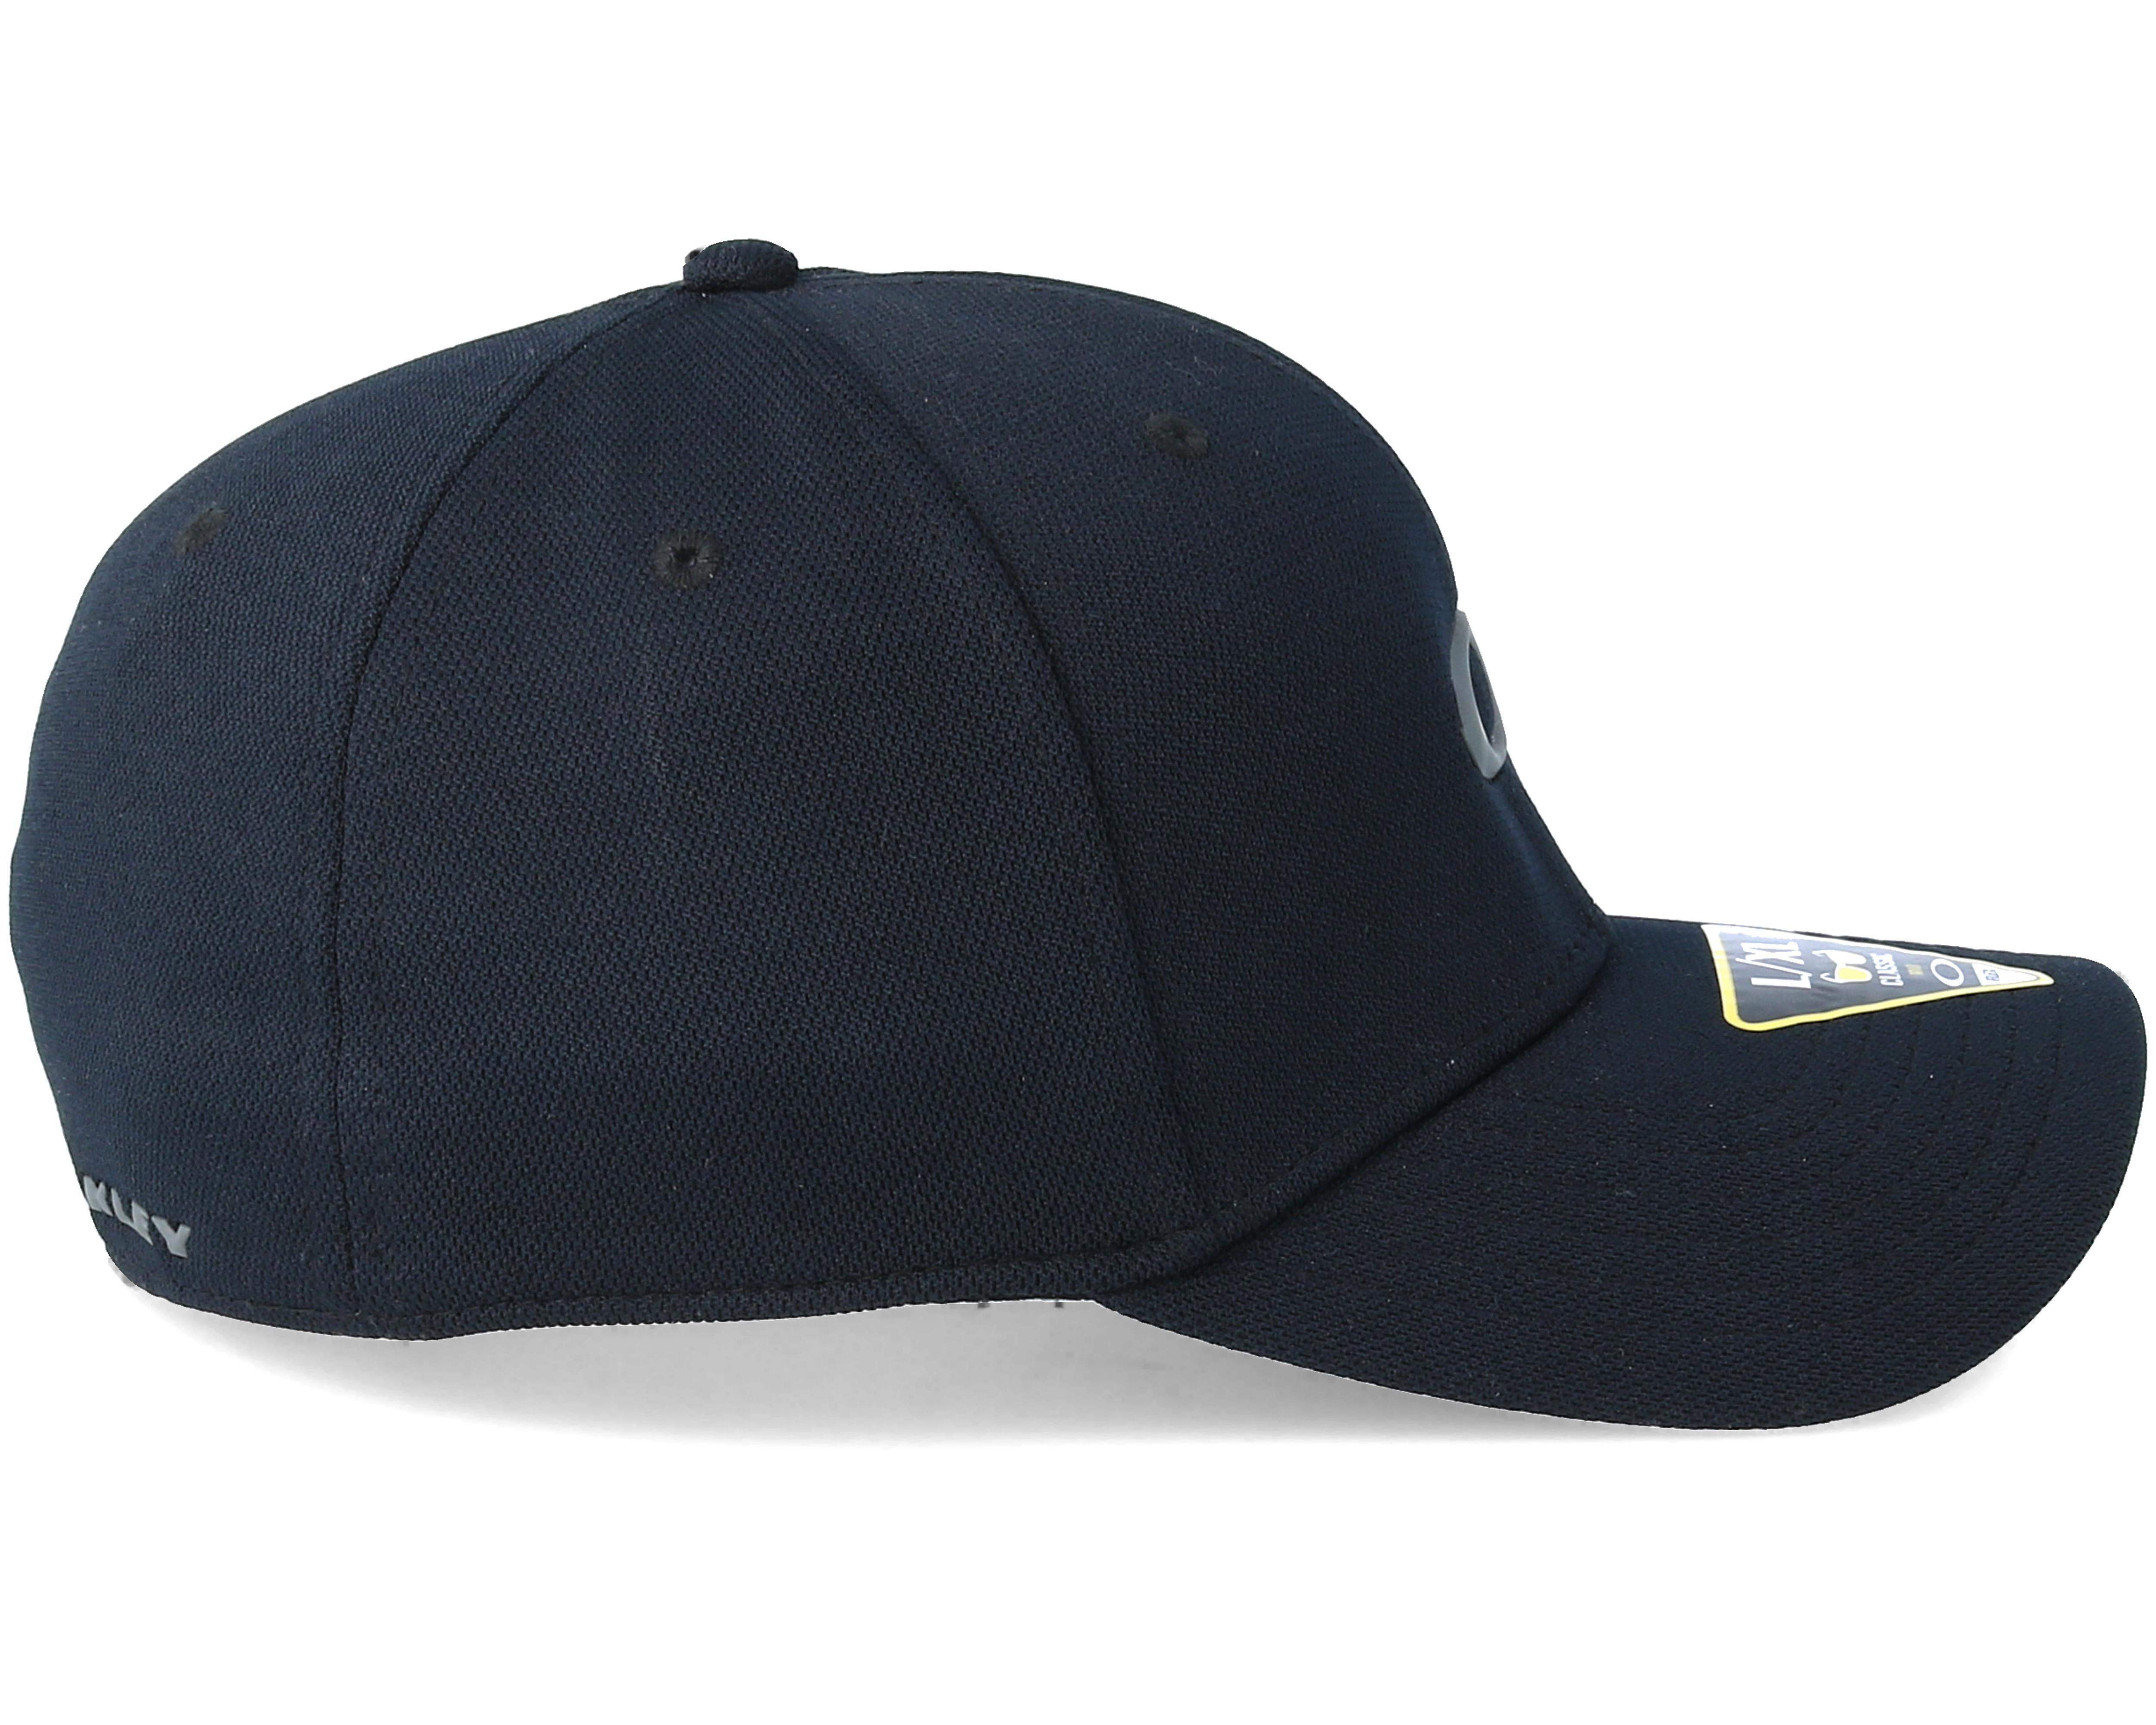 Caps 2.0